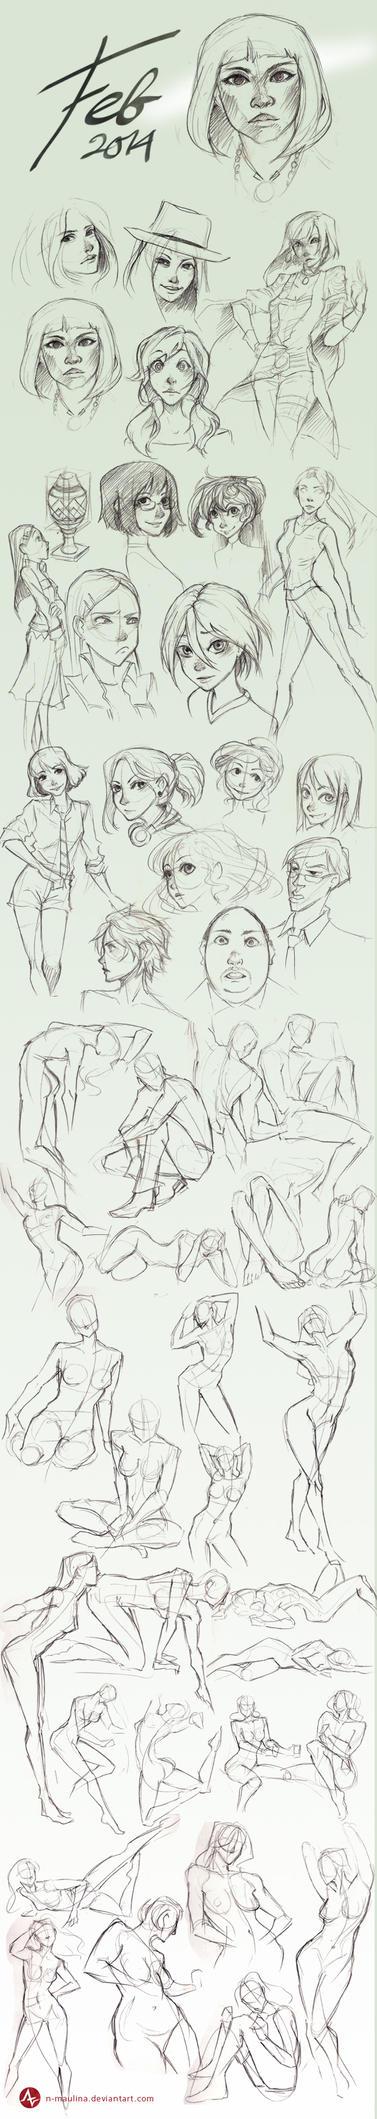 Sketchbook  Feb 2014 by N-Maulina